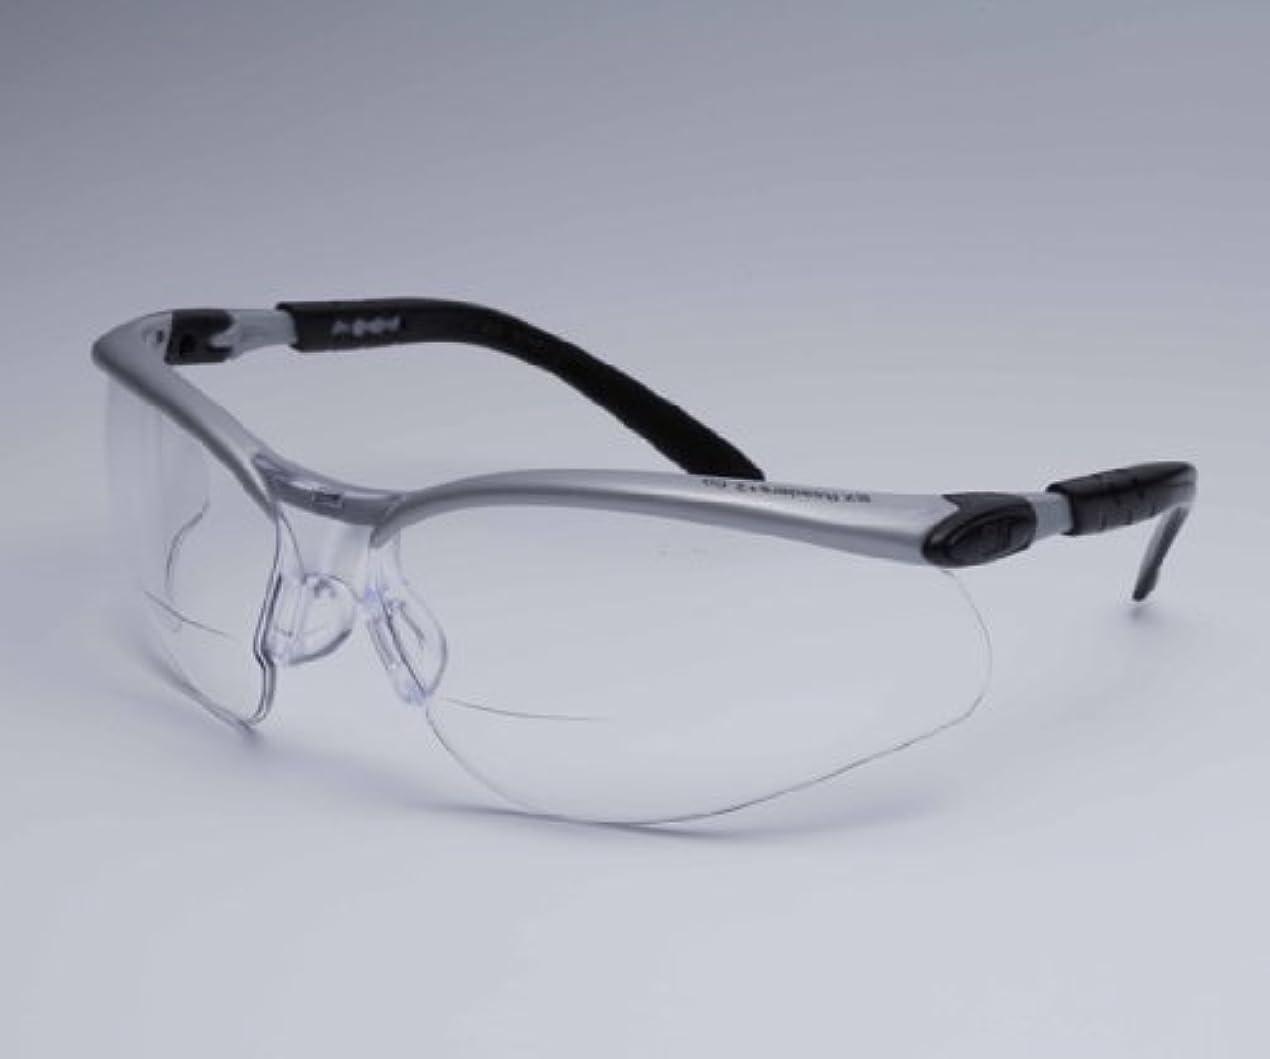 ベット十分なフォルダ安全メガネ11375-00000